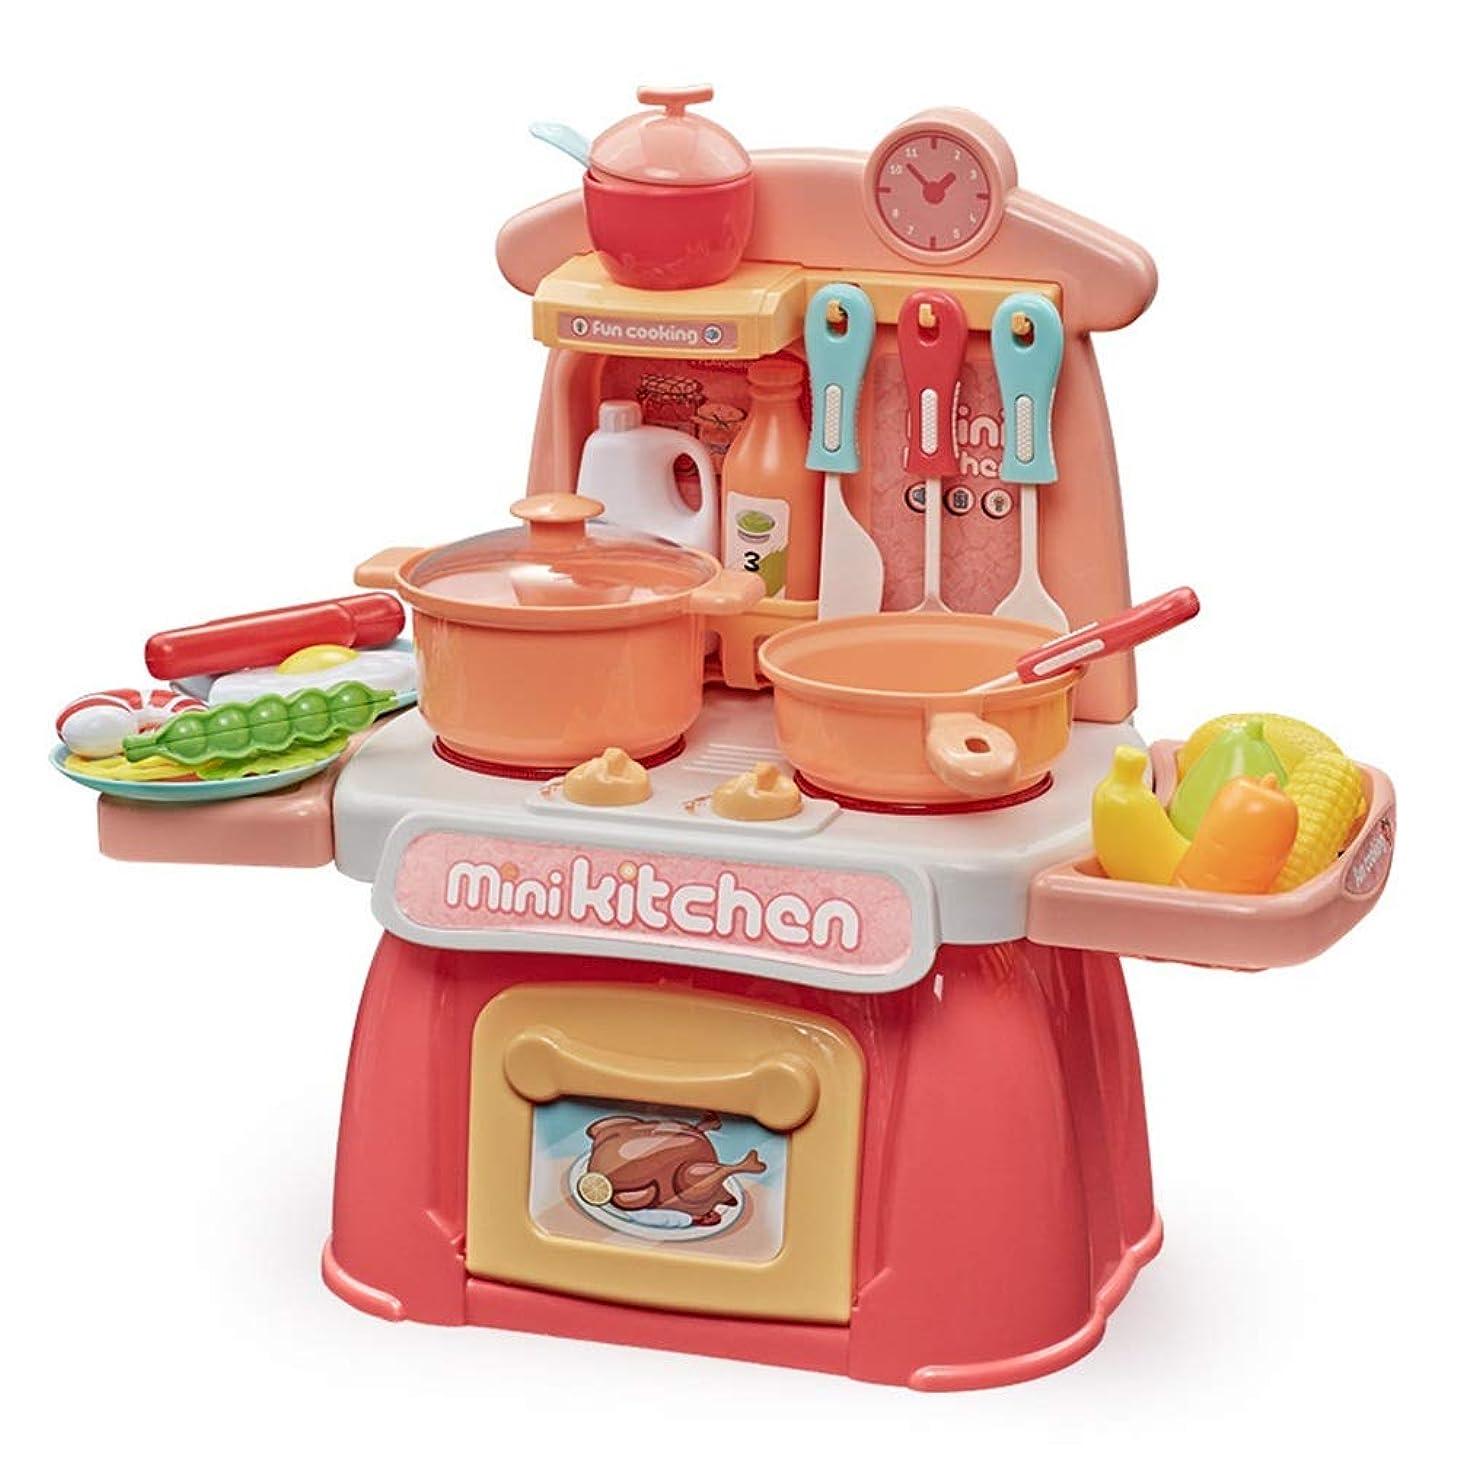 社交的ジャニス解説子供用キッチンおもちゃセット 子供のためのライトと音の良い贈り物とキッズキッチンPlaysets (Color : Pink, Size : 33.5x16.5x30cm)